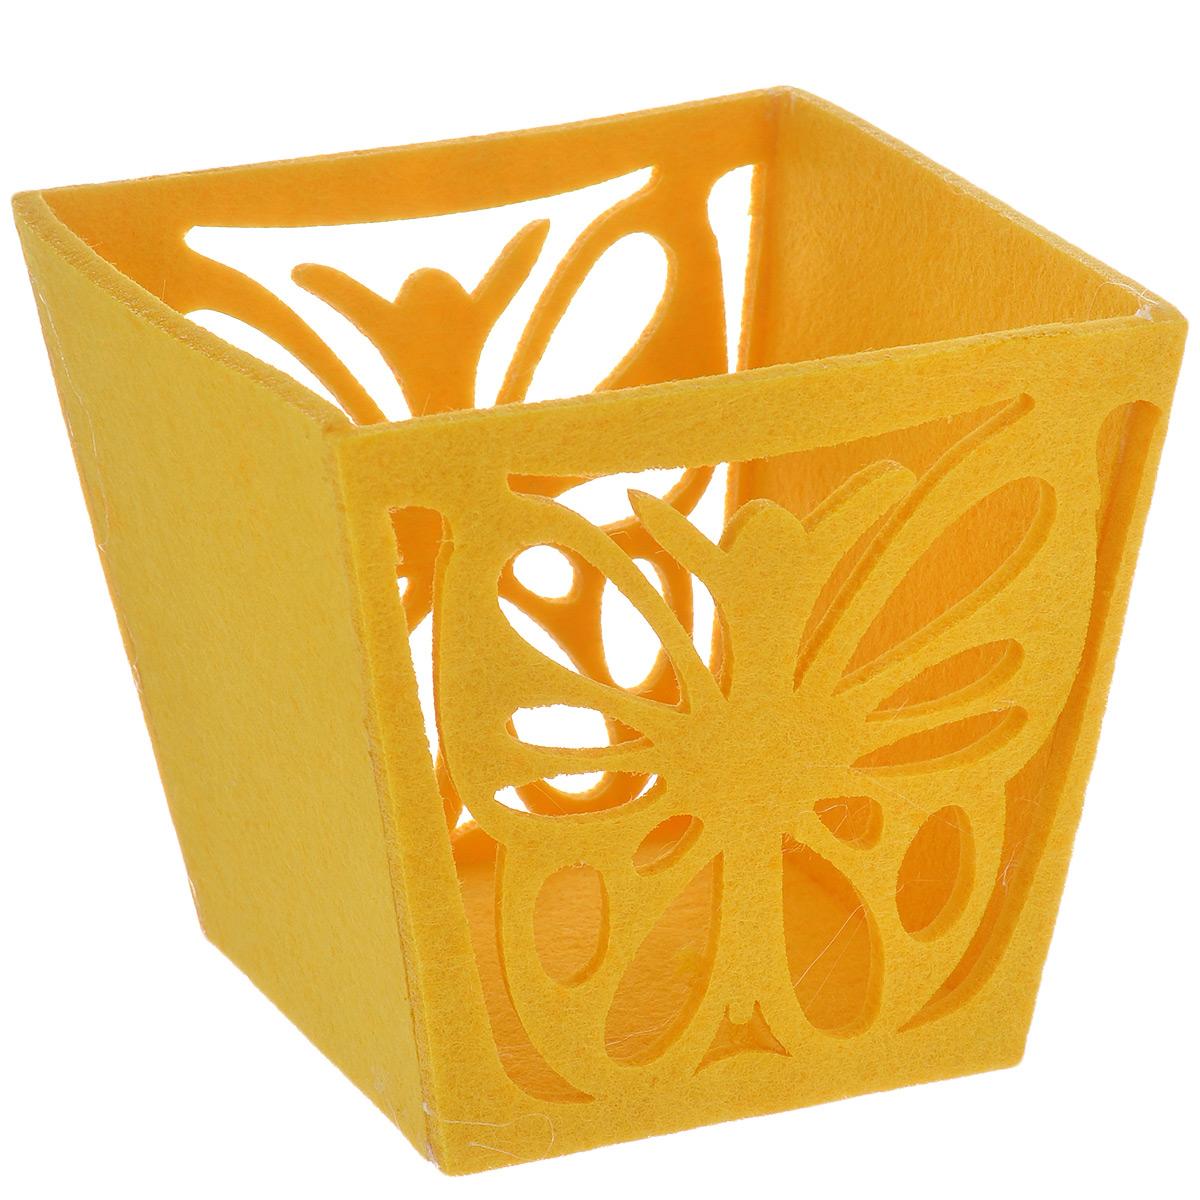 Корзинка декоративная Home Queen Бабочка, цвет: желтый, 14 см х 13 см х 12 см66833_2Декоративная корзина Home Queen Бабочка, выполненная из фетра, предназначена для хранения различных мелочей и аксессуаров. Изделие имеет красивую перфорацию в виде бабочки.Такая корзина станет оригинальным и необычным подарком или украшением интерьера. Размер корзины: 14 см х 13 см х 12 см.Размер дна: 10 см х 9,5 см.